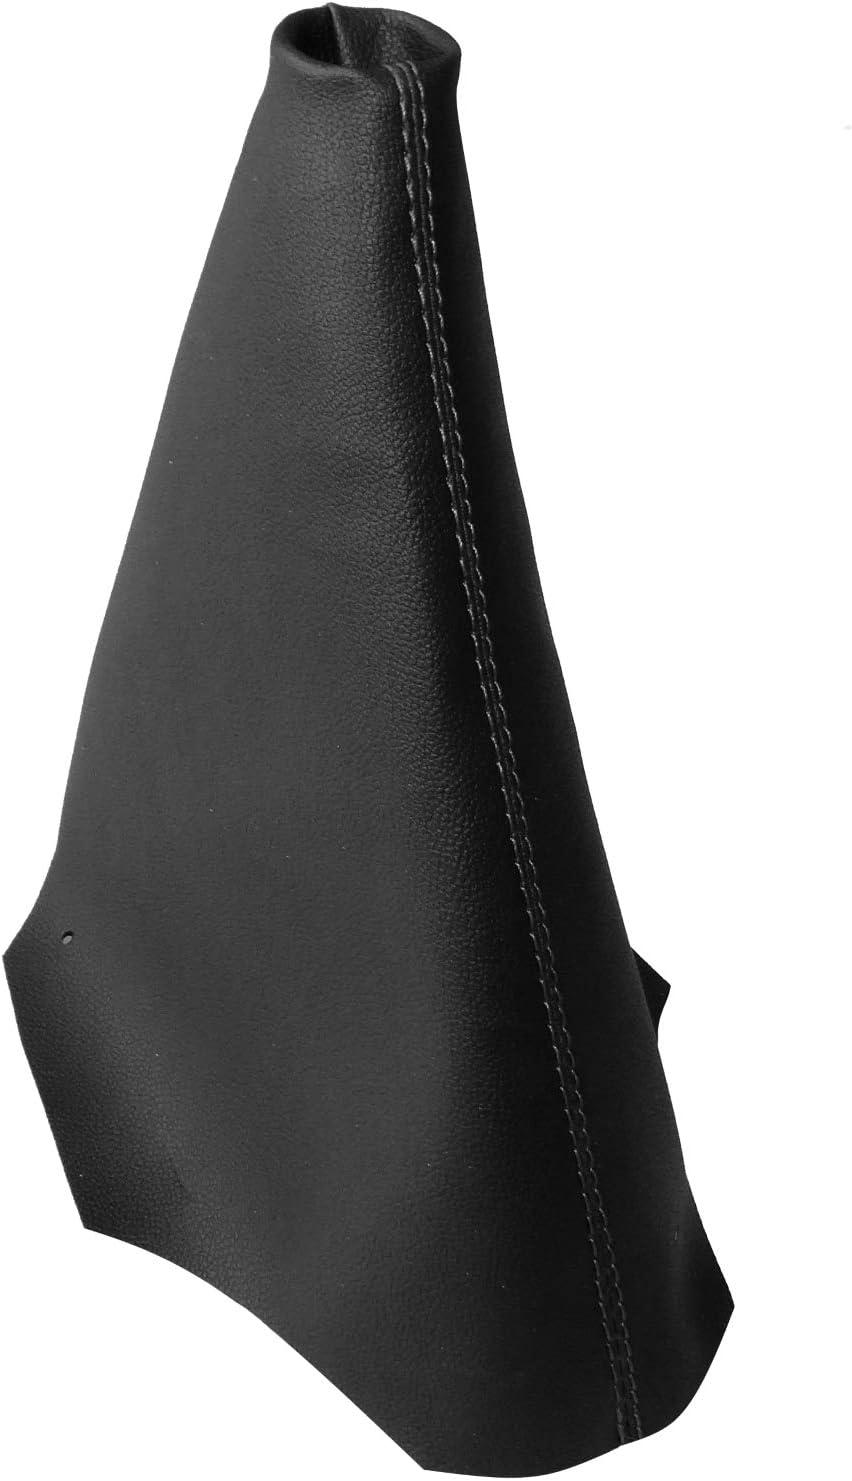 AERZETIX Funda para palanca de cambios de piel sint/ética con costuras de colores variables negro con costuras azul